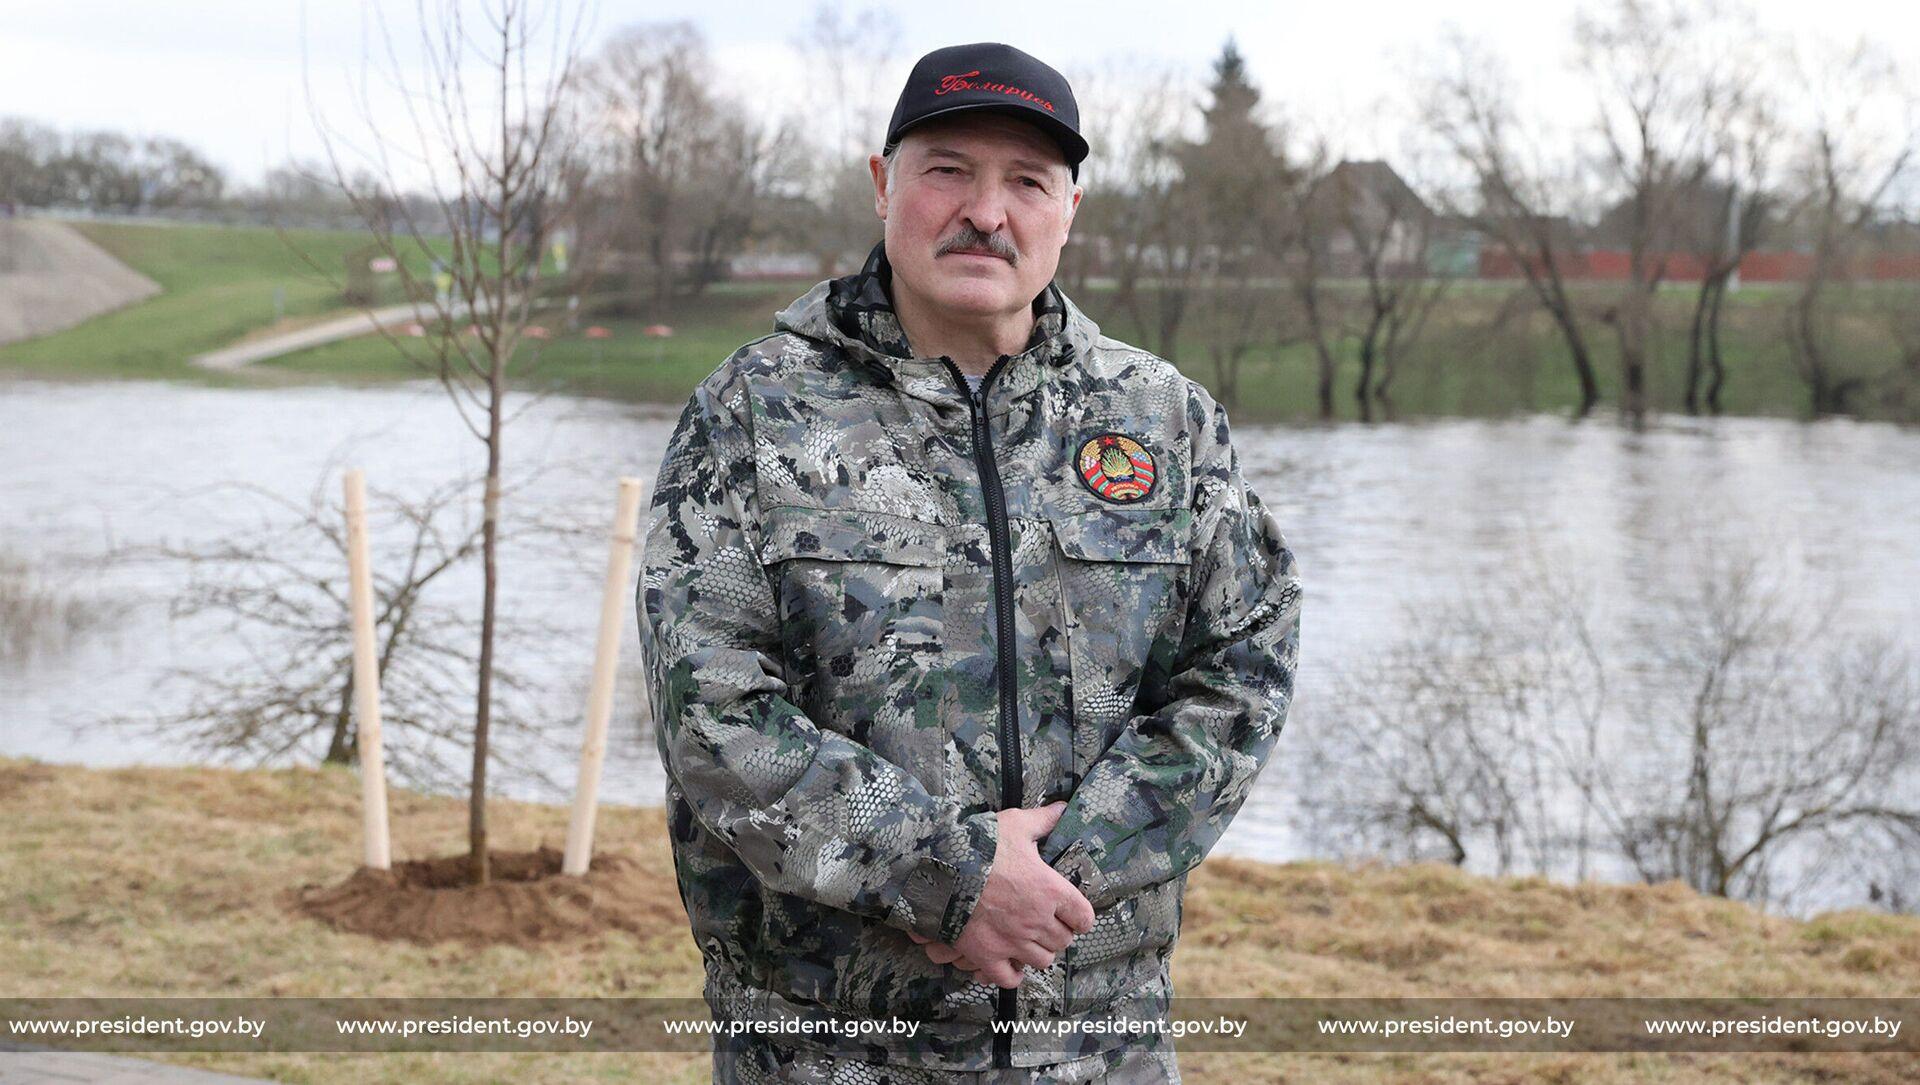 Александр Лукашенко на республиканском субботнике 17 апреля - Sputnik Беларусь, 1920, 17.04.2021